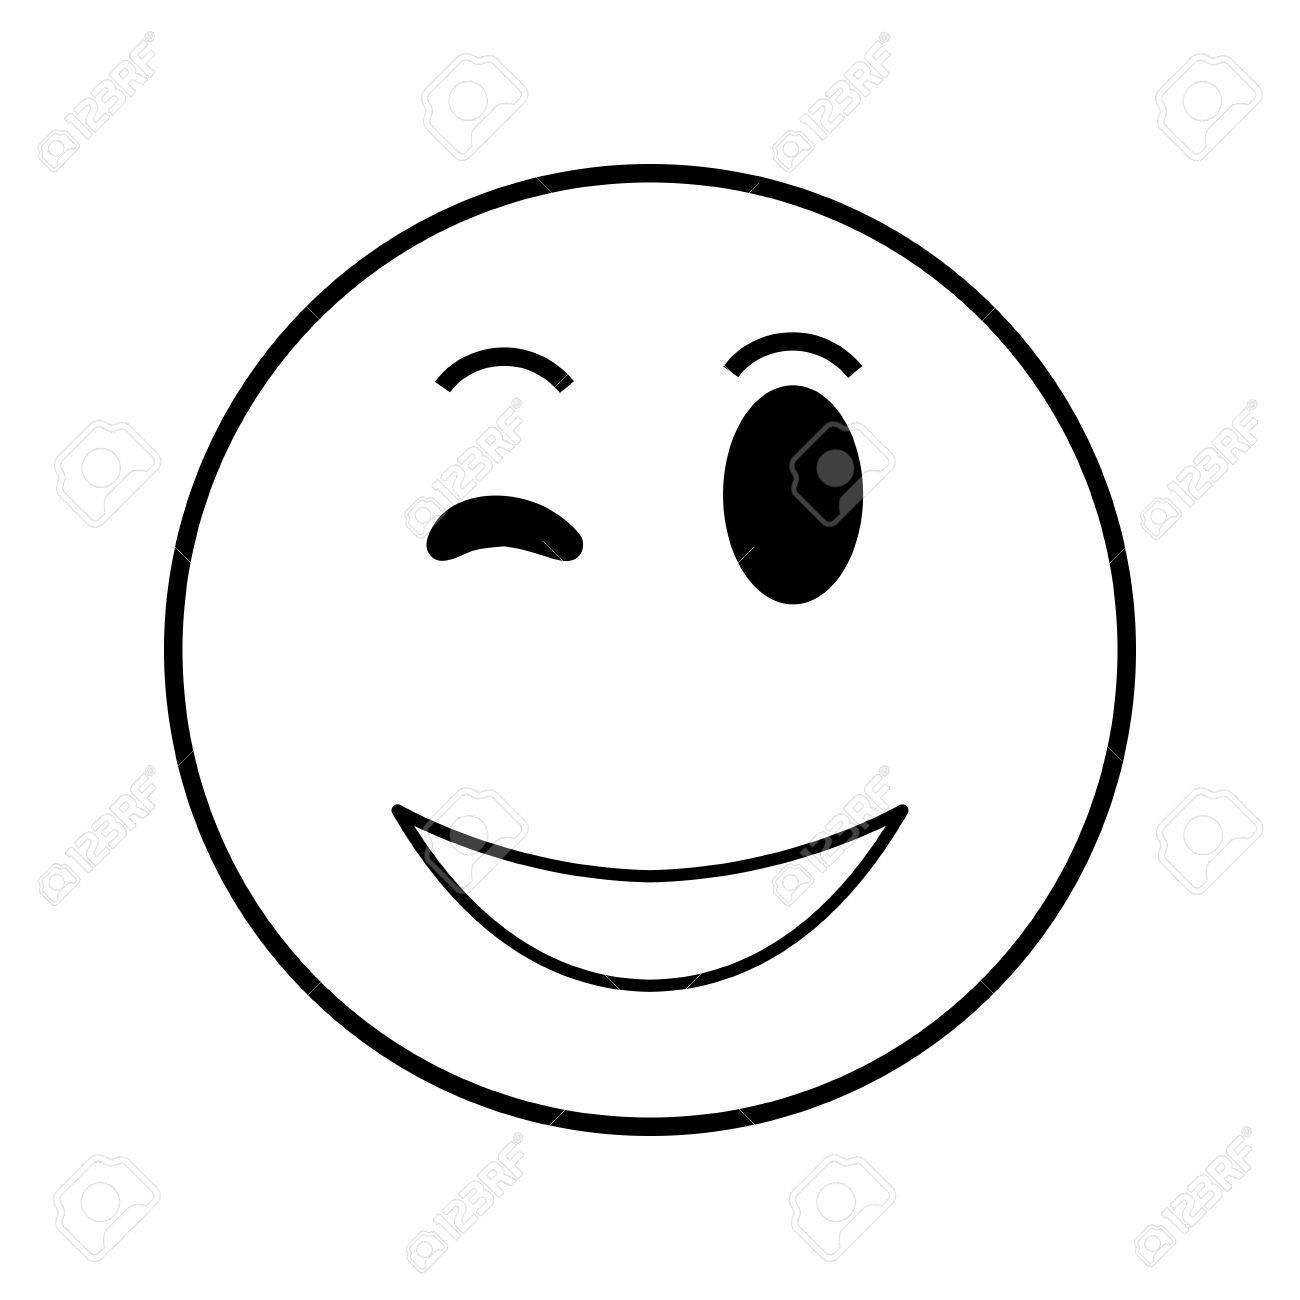 Zwinkern smileys schwarz weiß toihooktasupp: Smilie